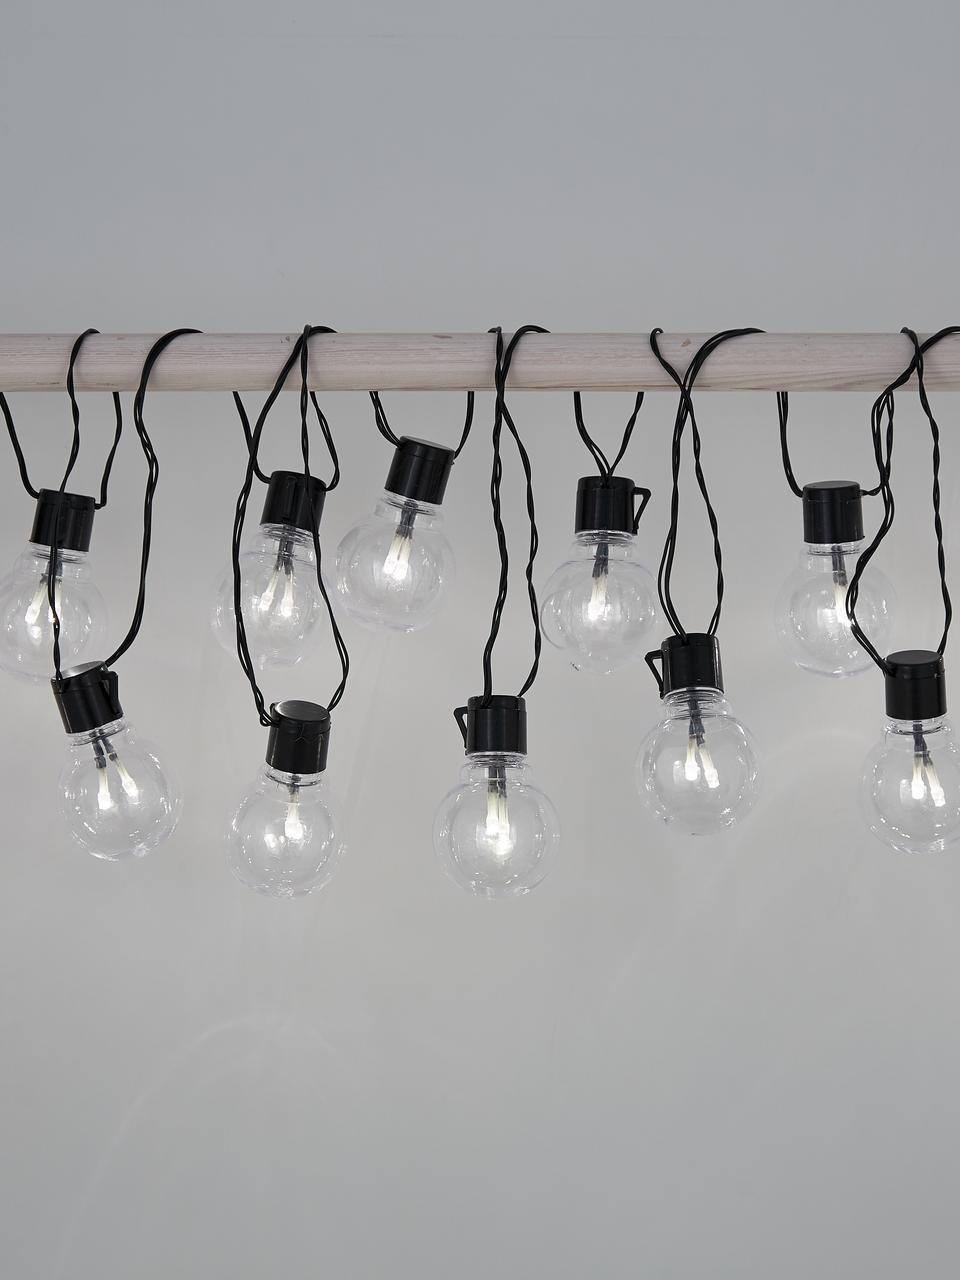 LED-Lichterkette Partaj, 950 cm, Lampions: Kunststoff, Schwarz, L 950 cm